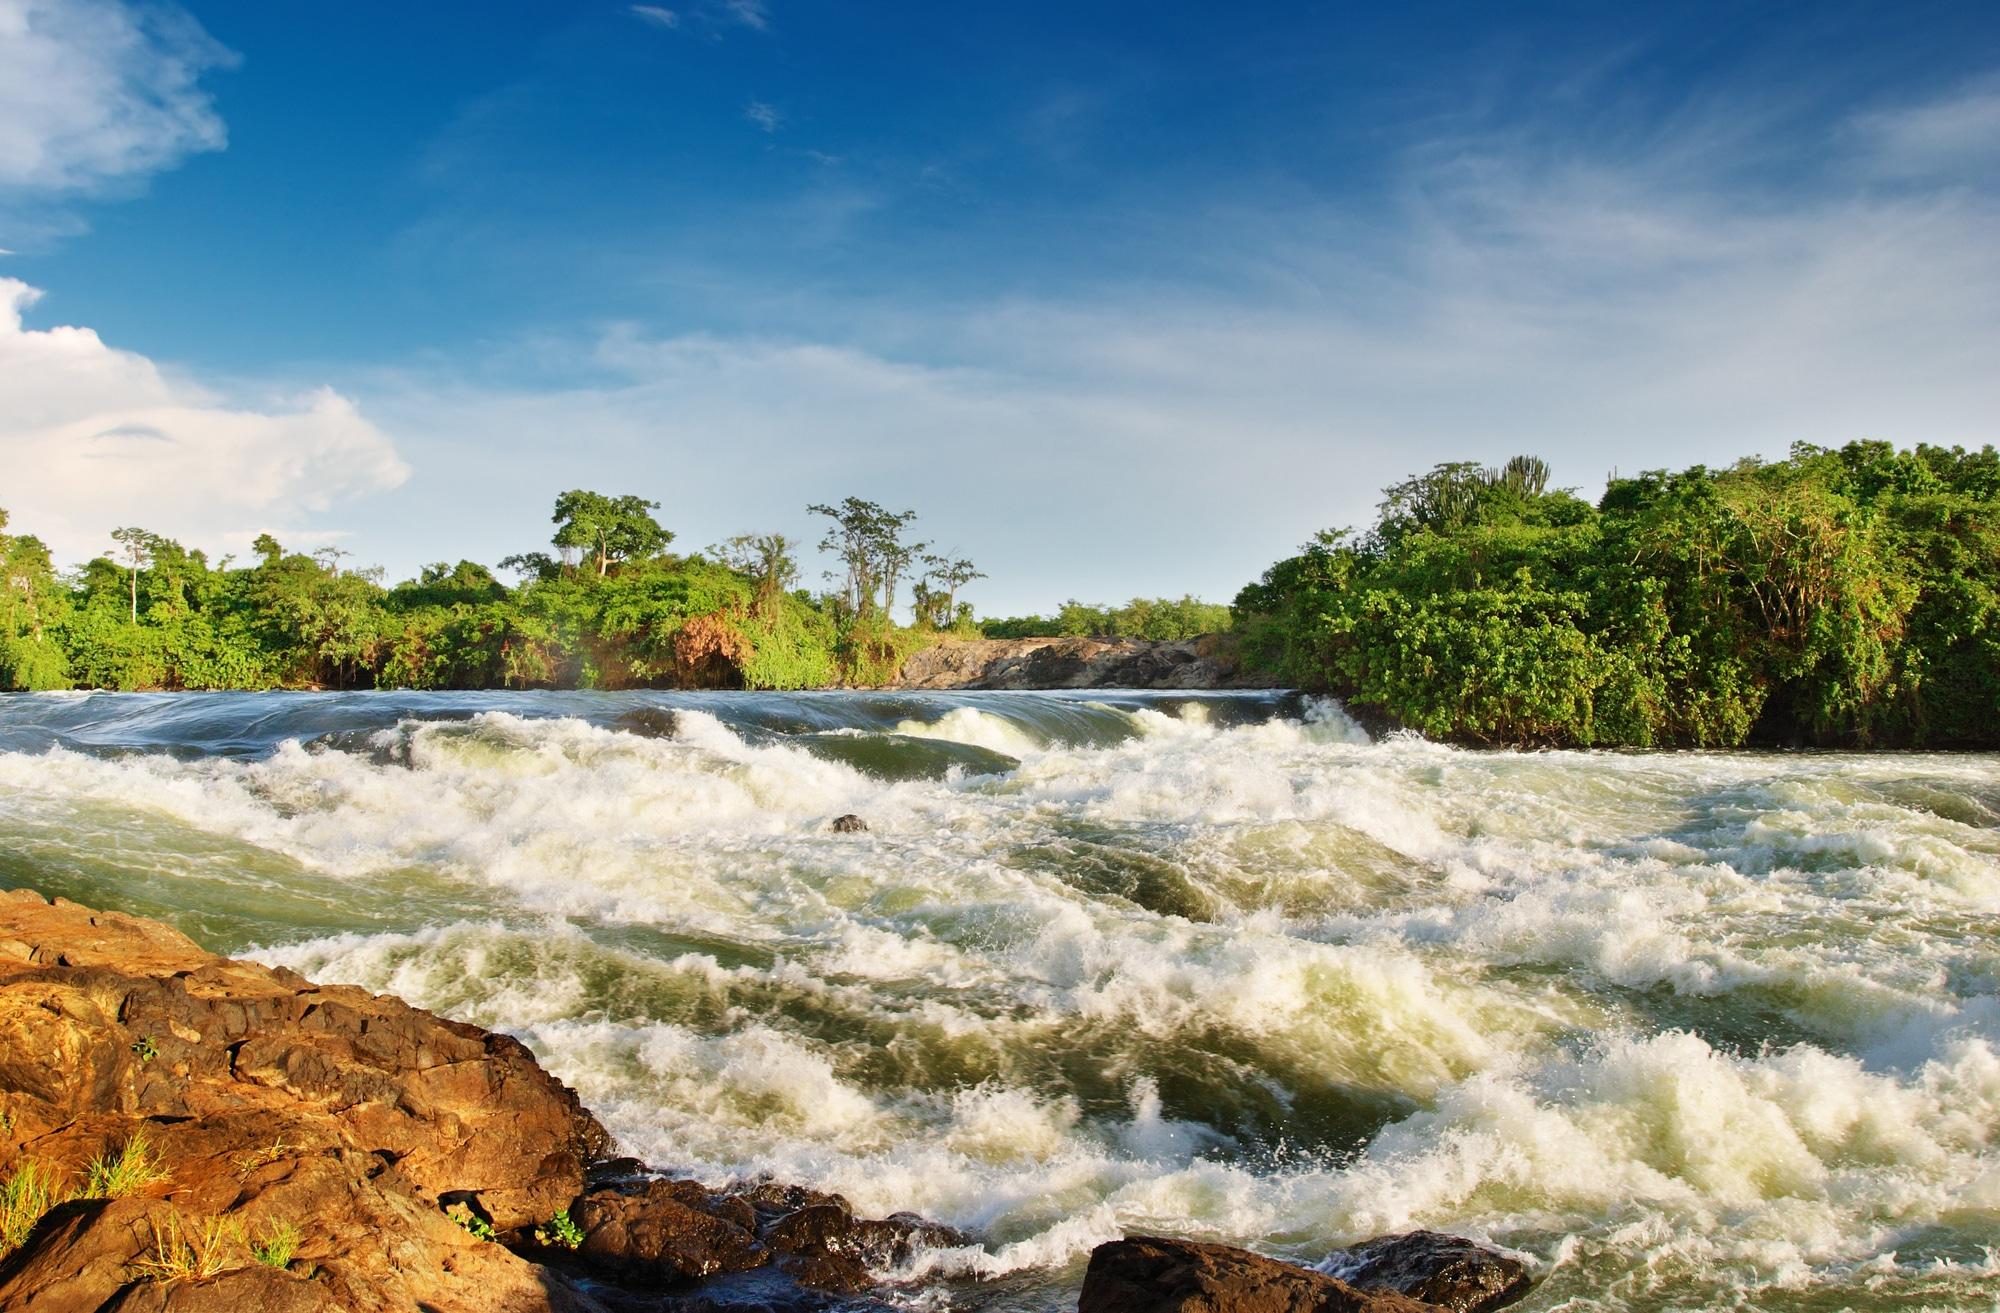 A világ 10 rendkívüli folyója – Lenyűgöző látványt nyújtanak!